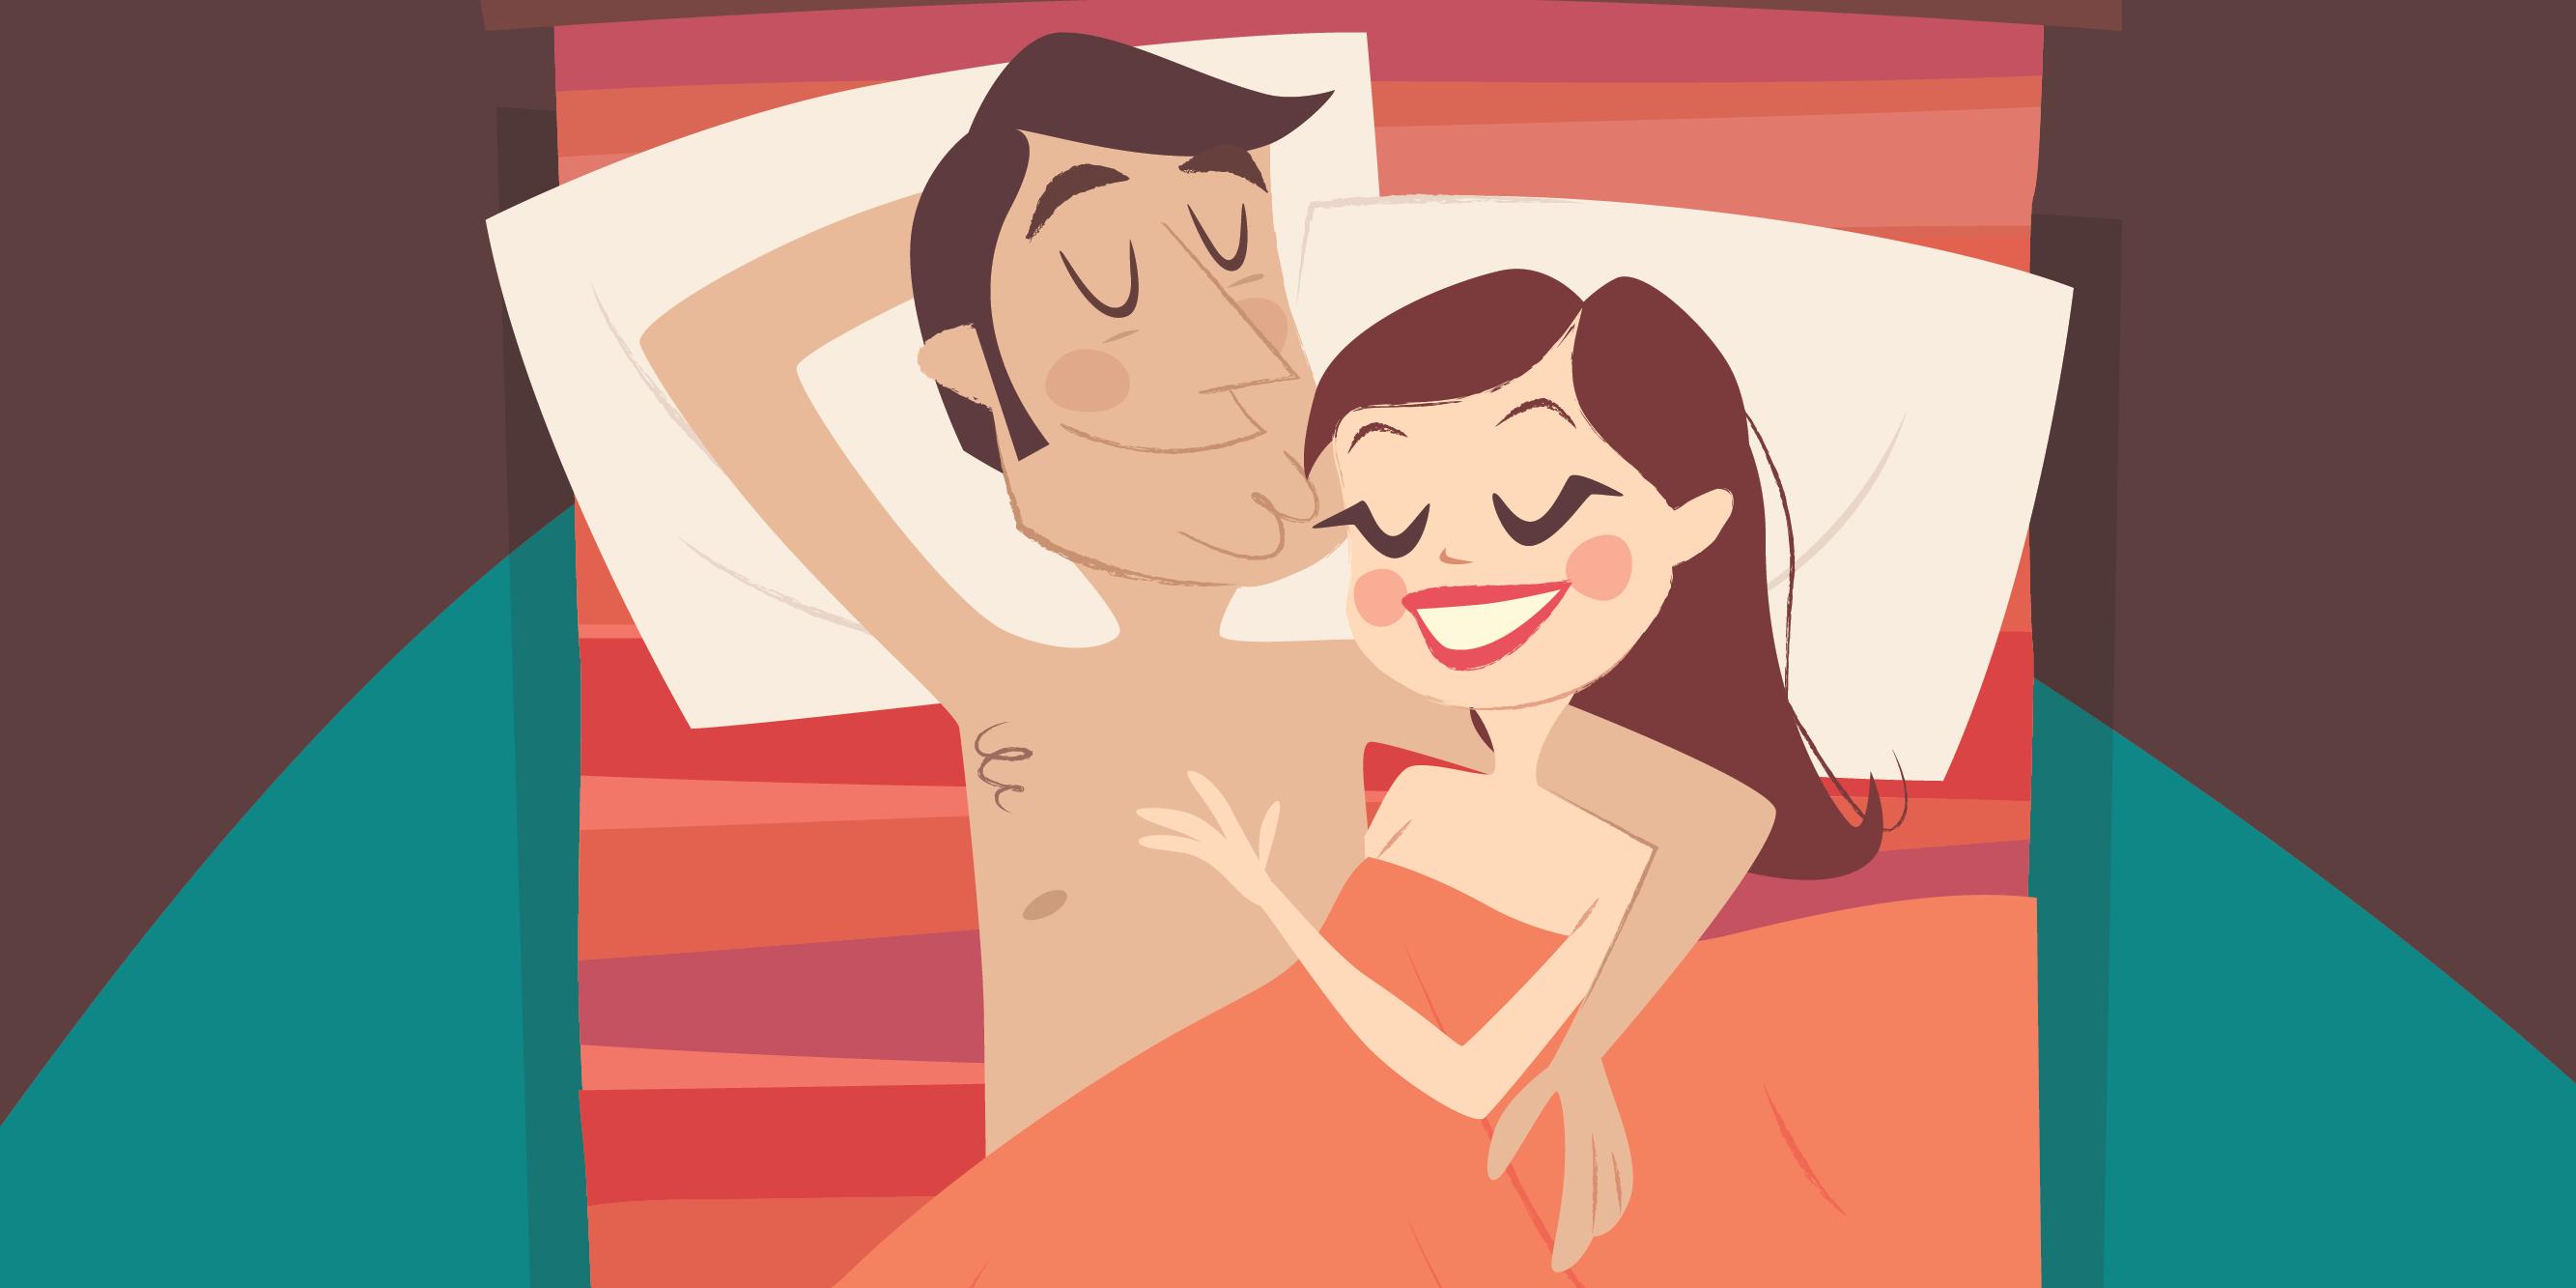 Не получяется занятся сексом с девчонкой